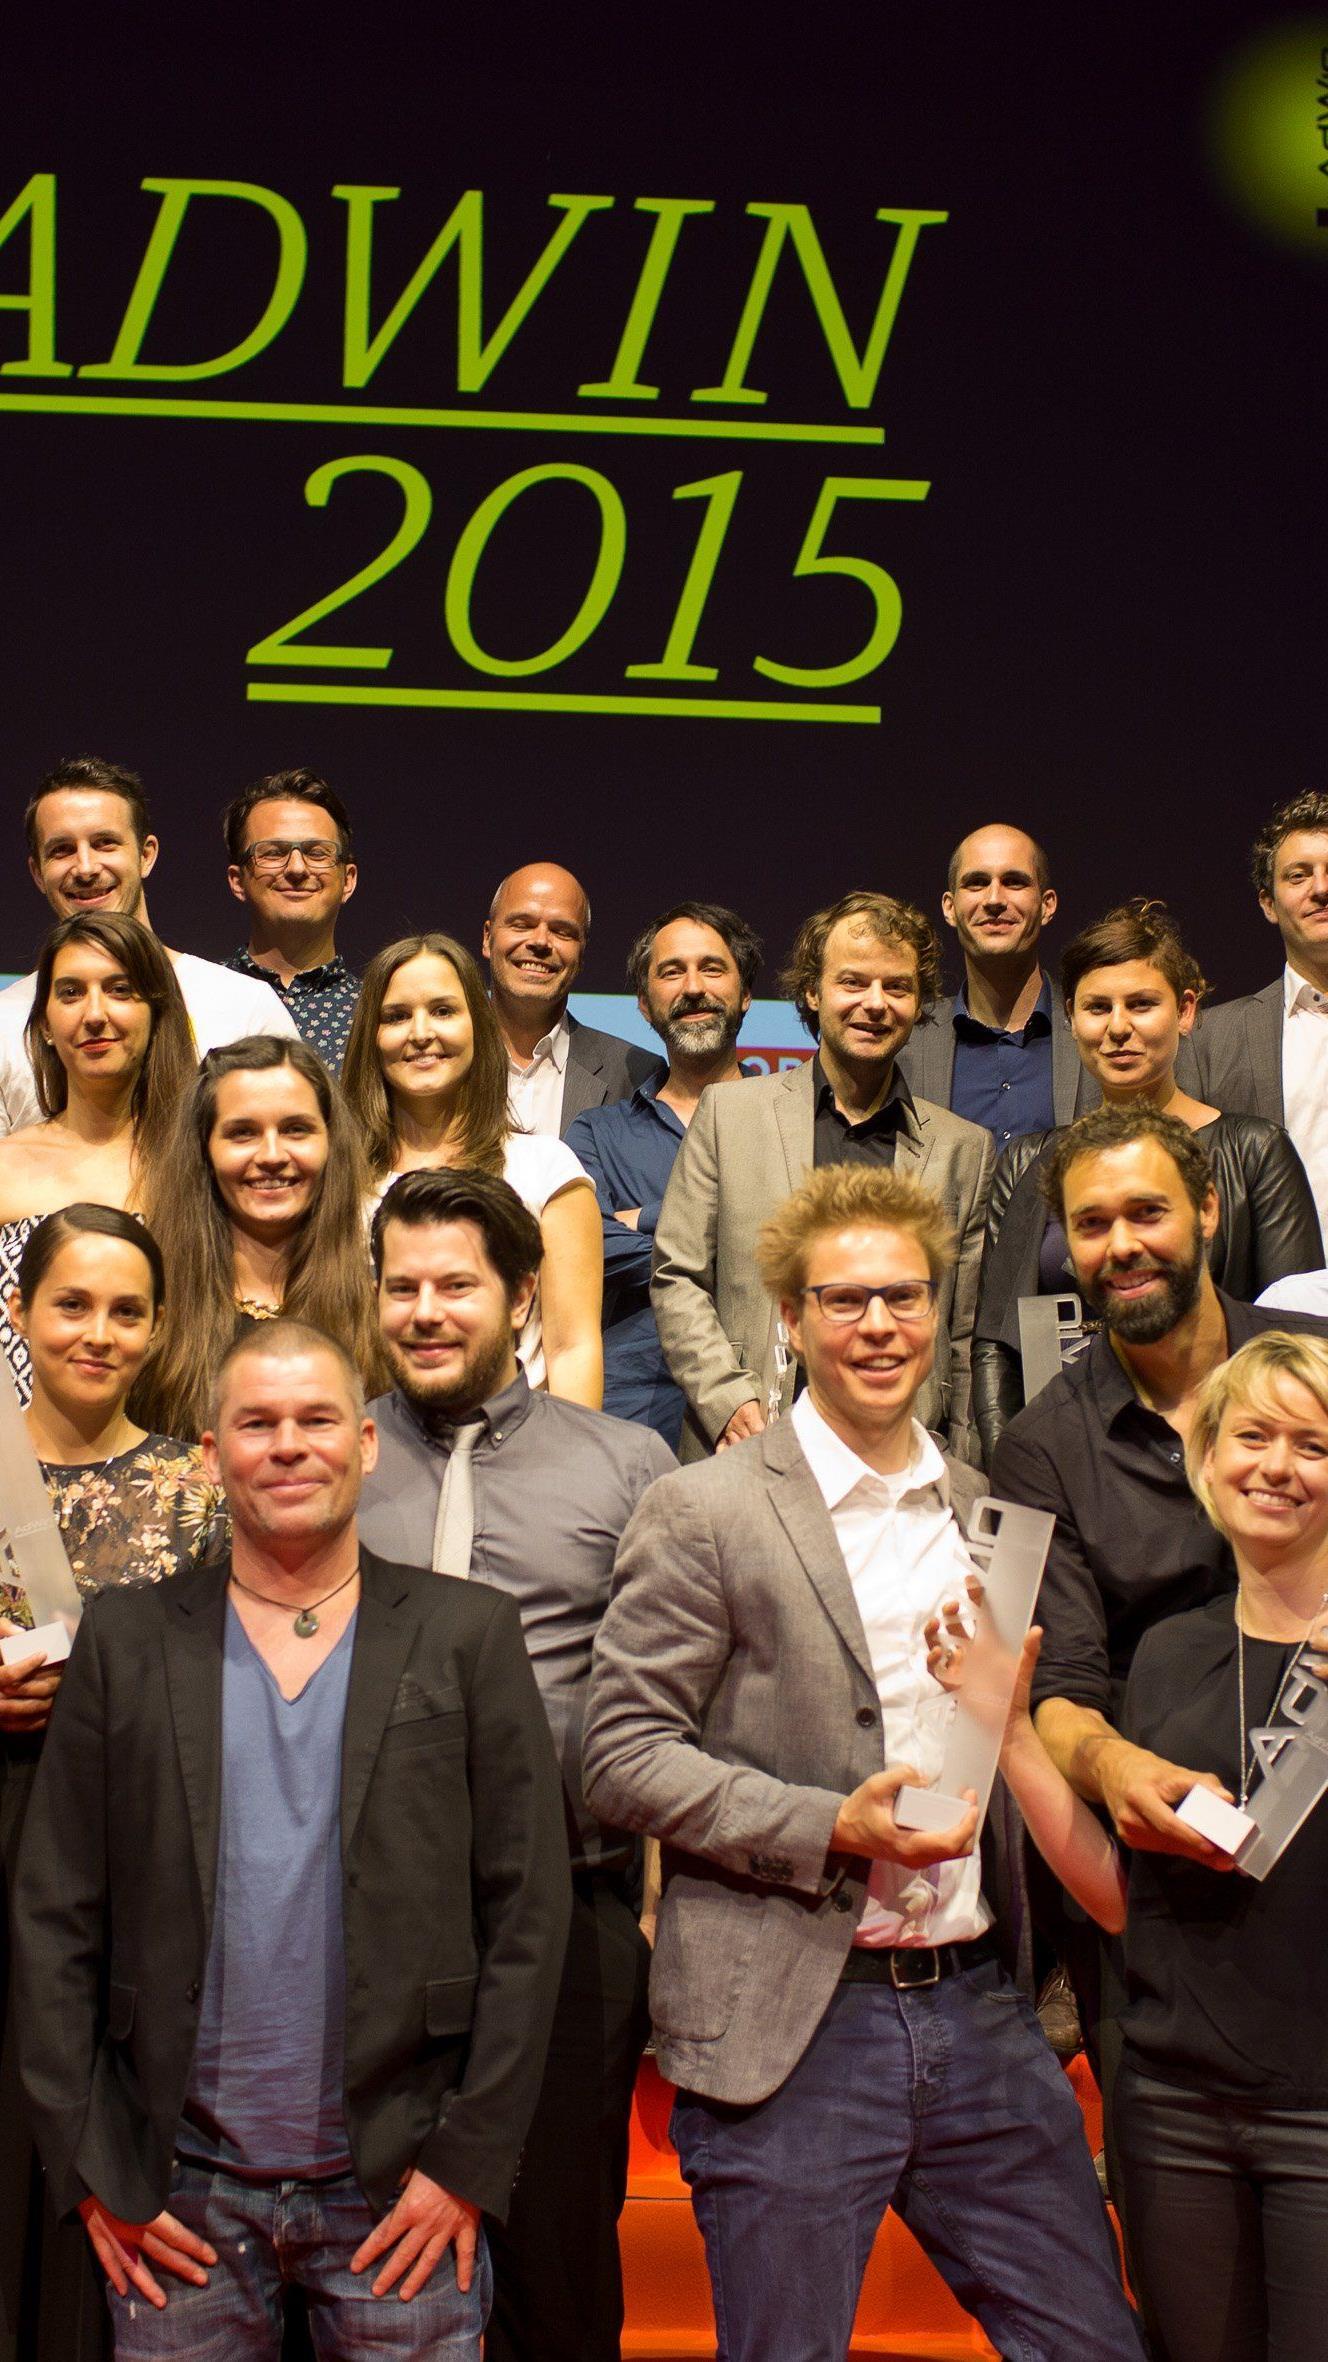 Das sind die Gewinner des AdWin 2015.